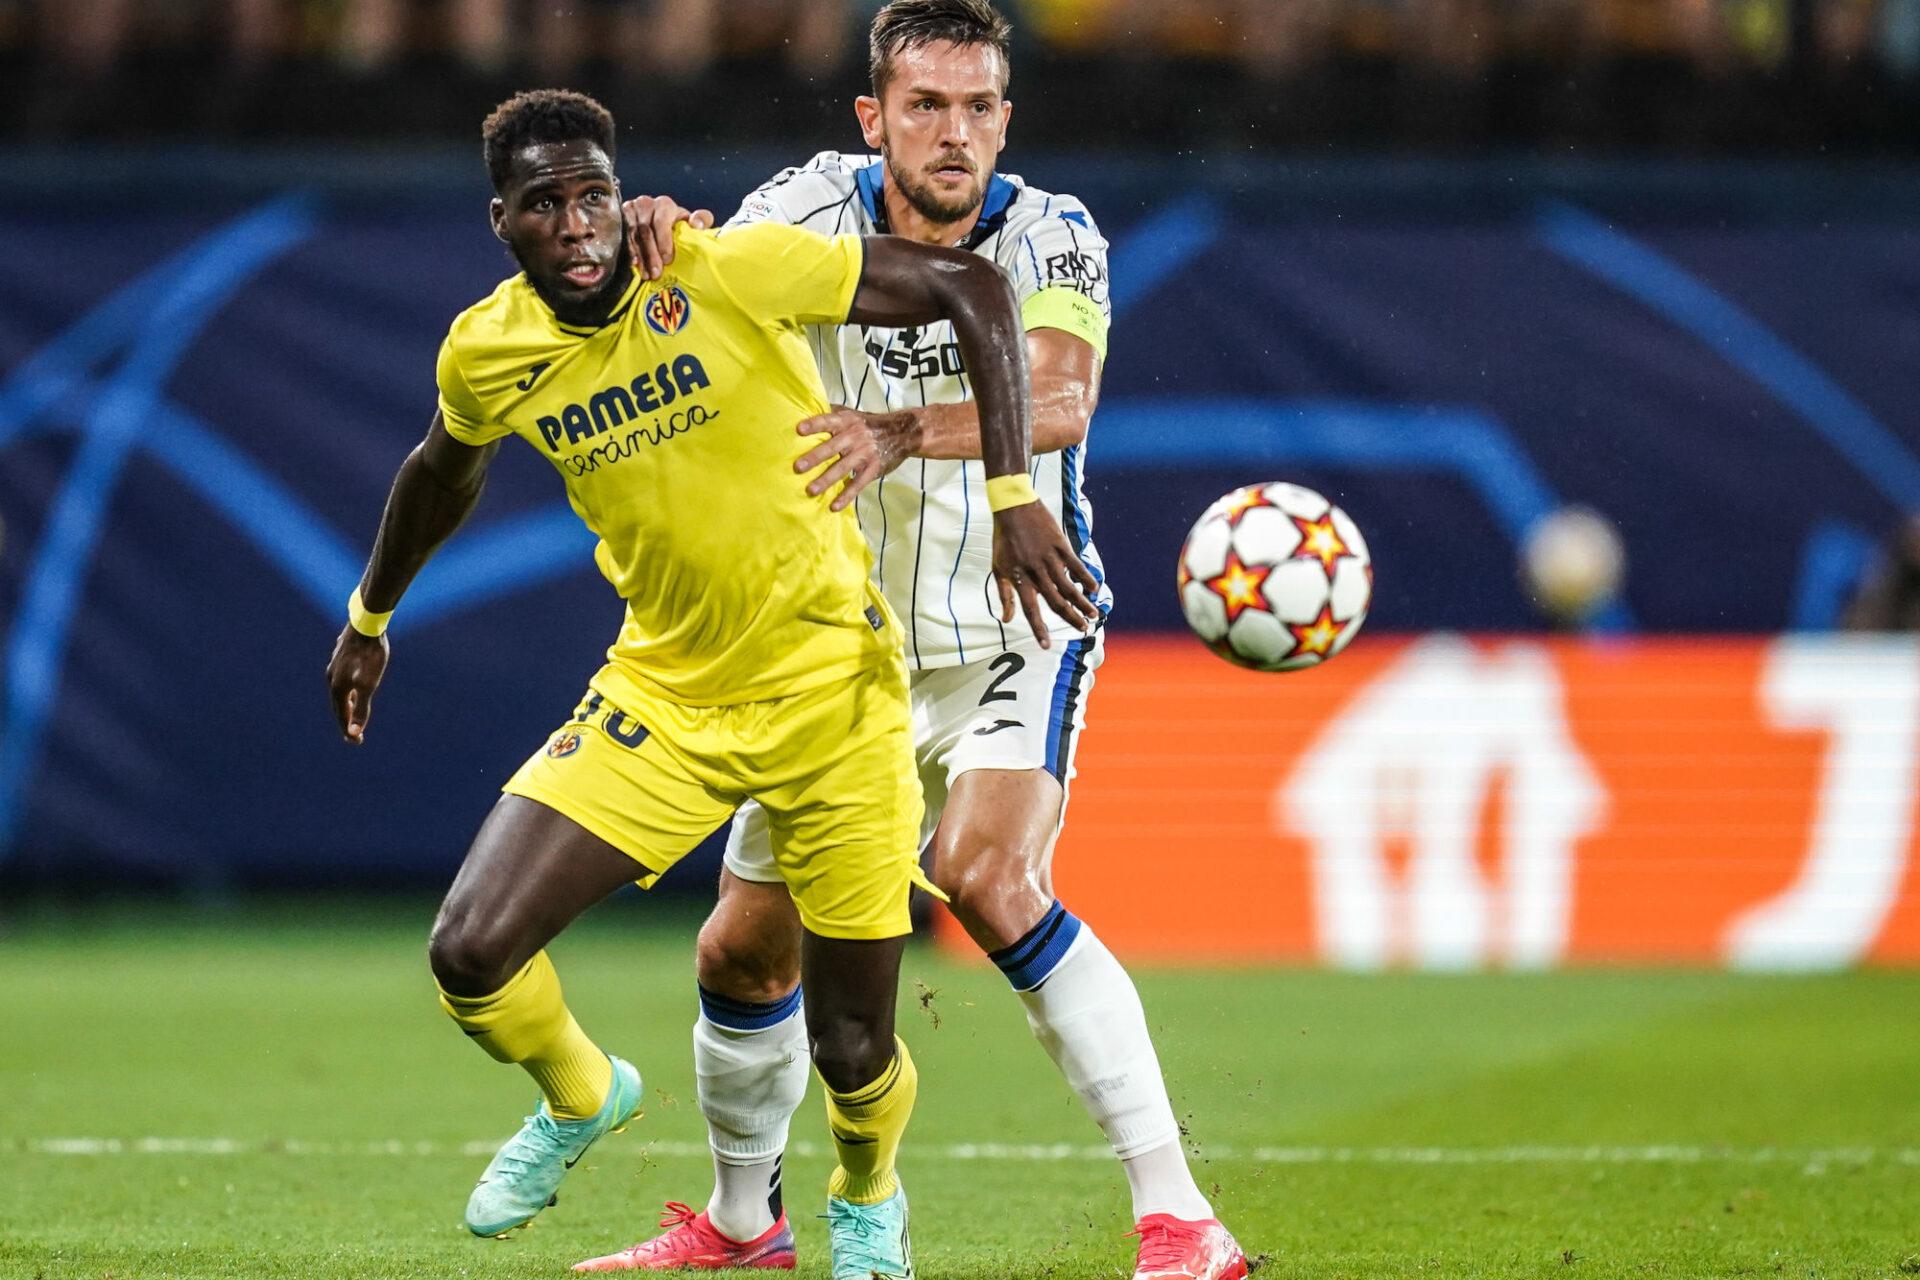 L'ancien attaquant de Reims Boulaye Dia était titulaire avec Villarreal lors du match nul disputé contre l'Atalanta (2-2). Icon Sport